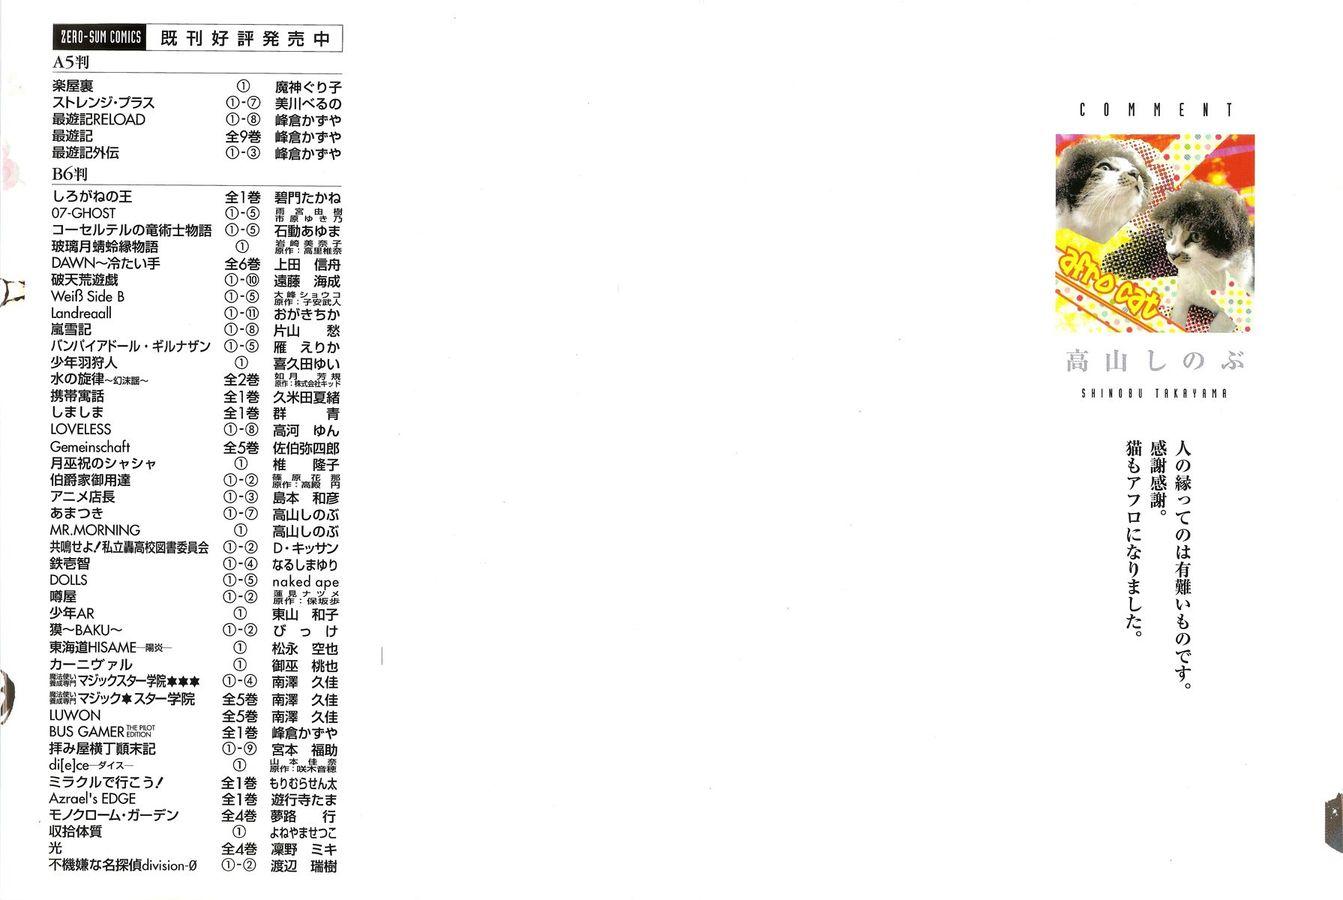 아마츠키 7권-전의 1번째 이미지, 표시되지않는다면 오류제보부탁드려요!